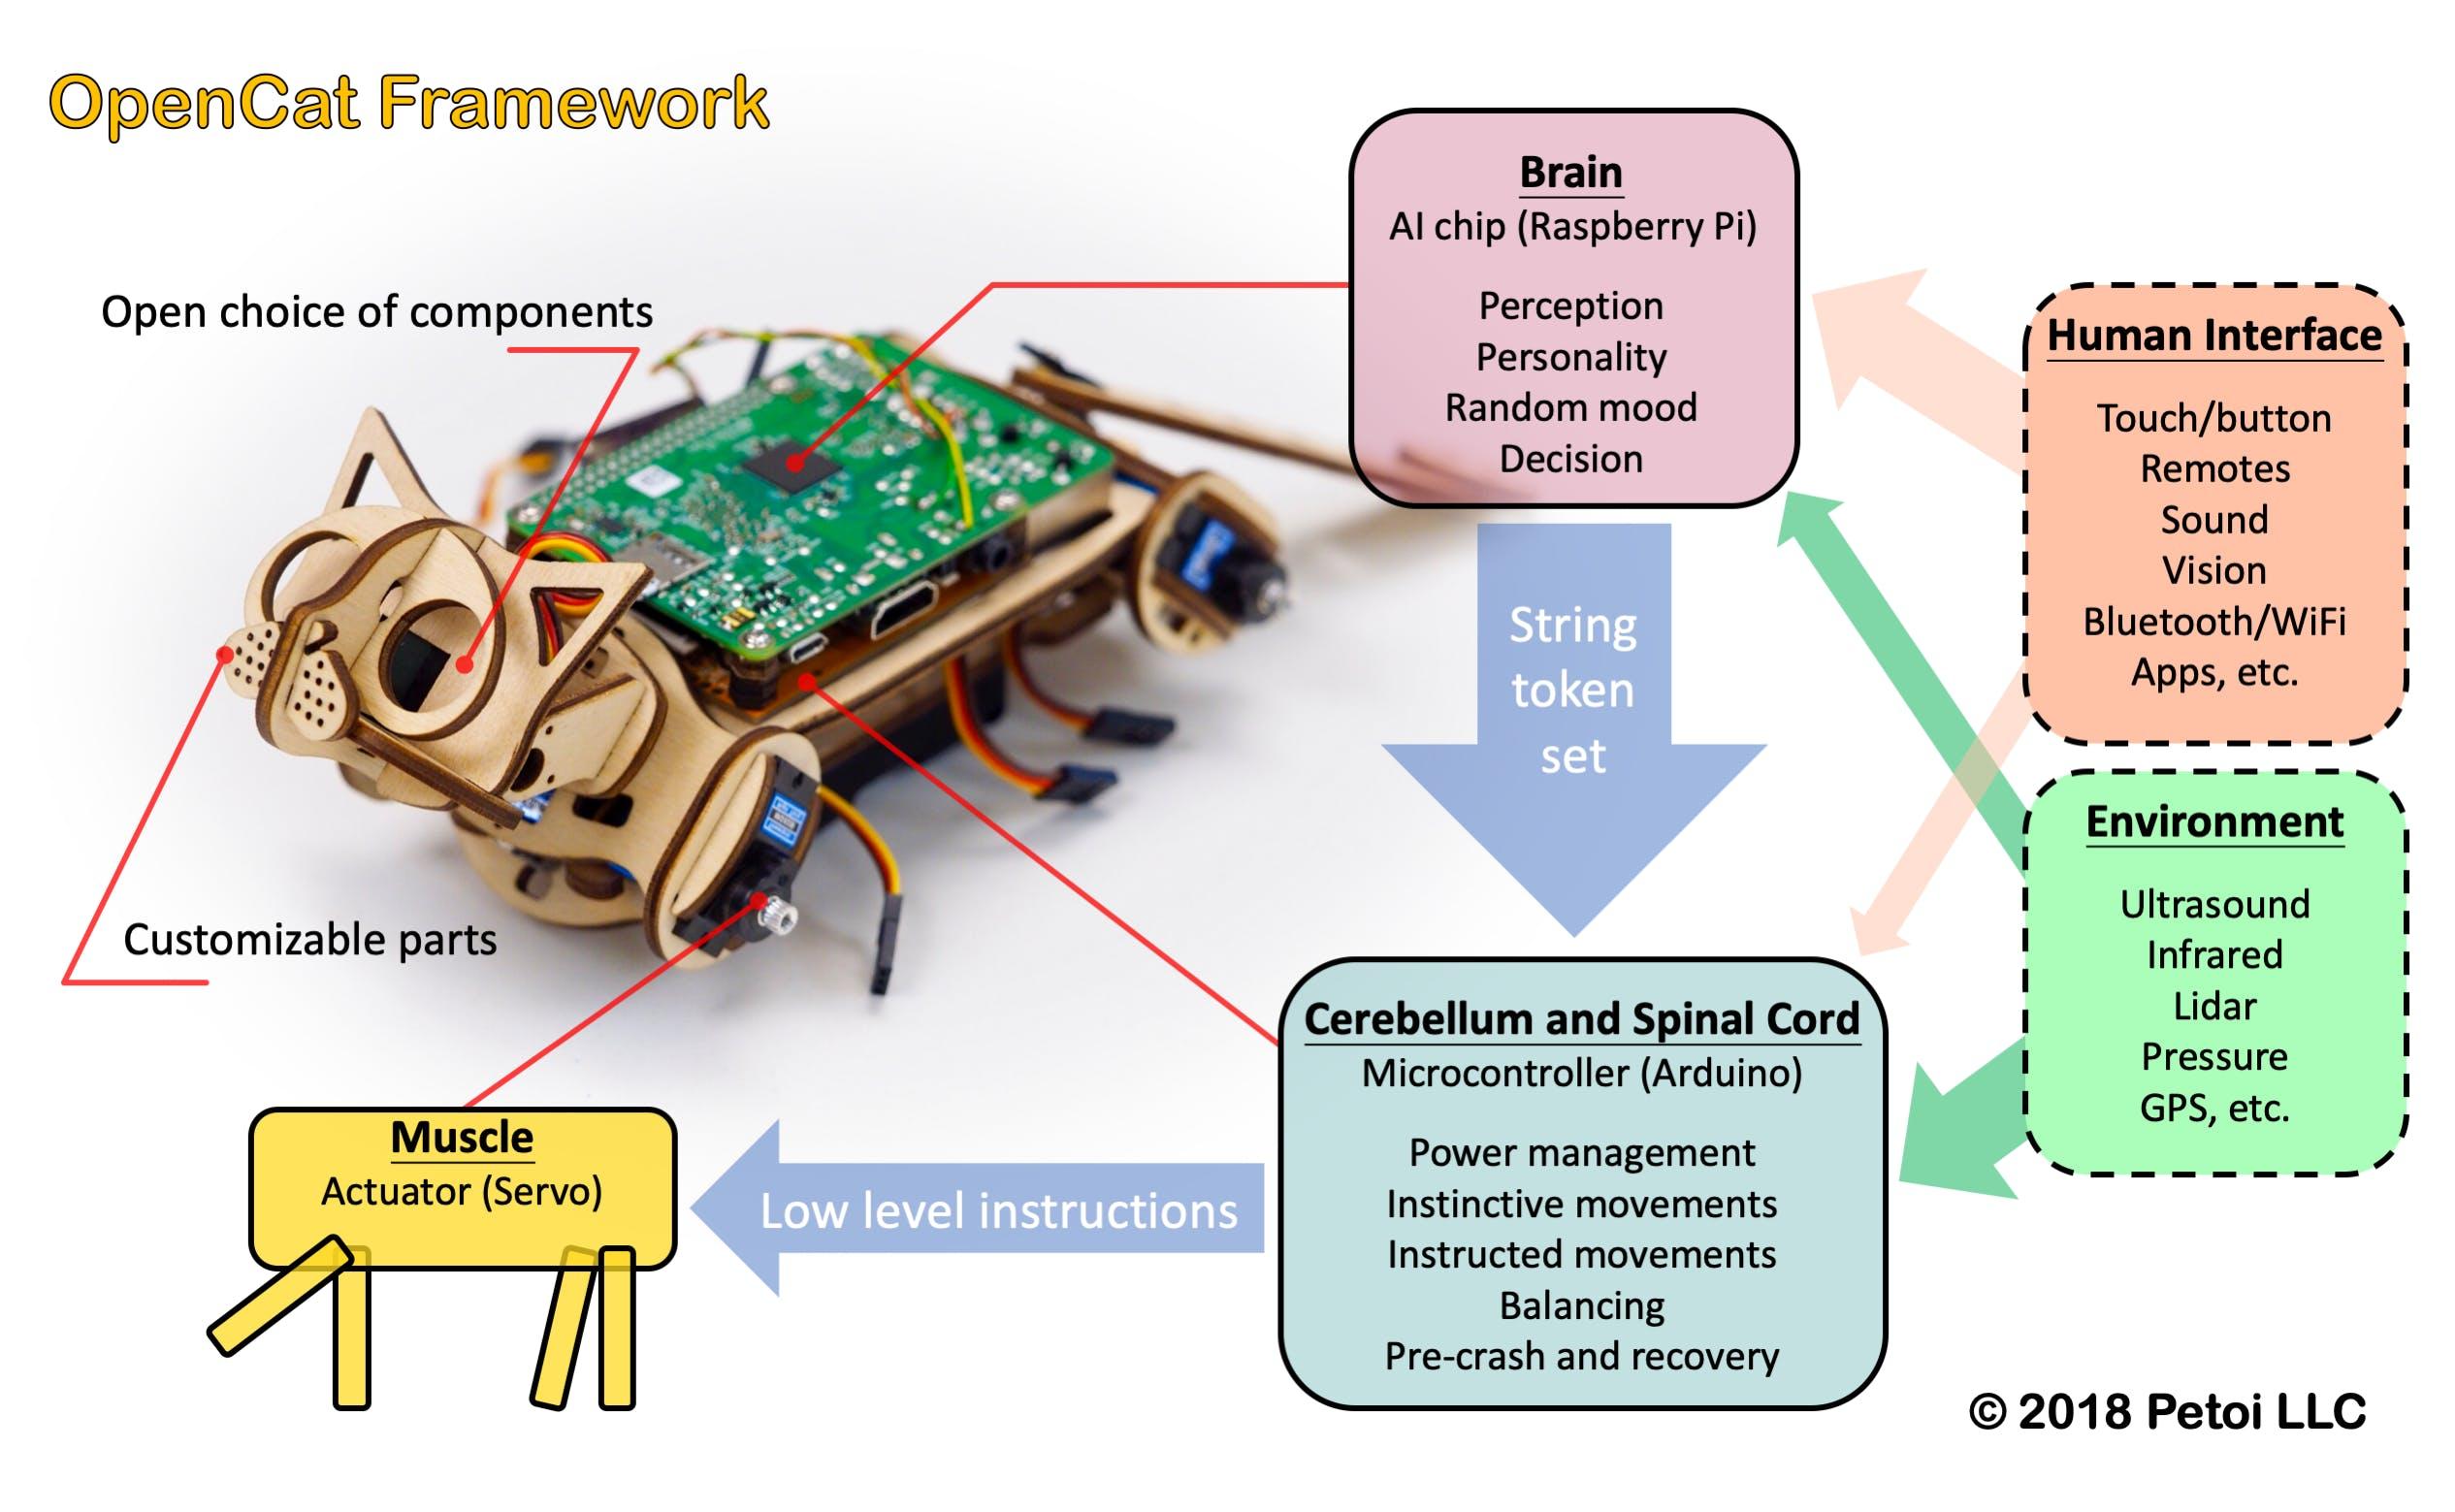 OpenCat framework